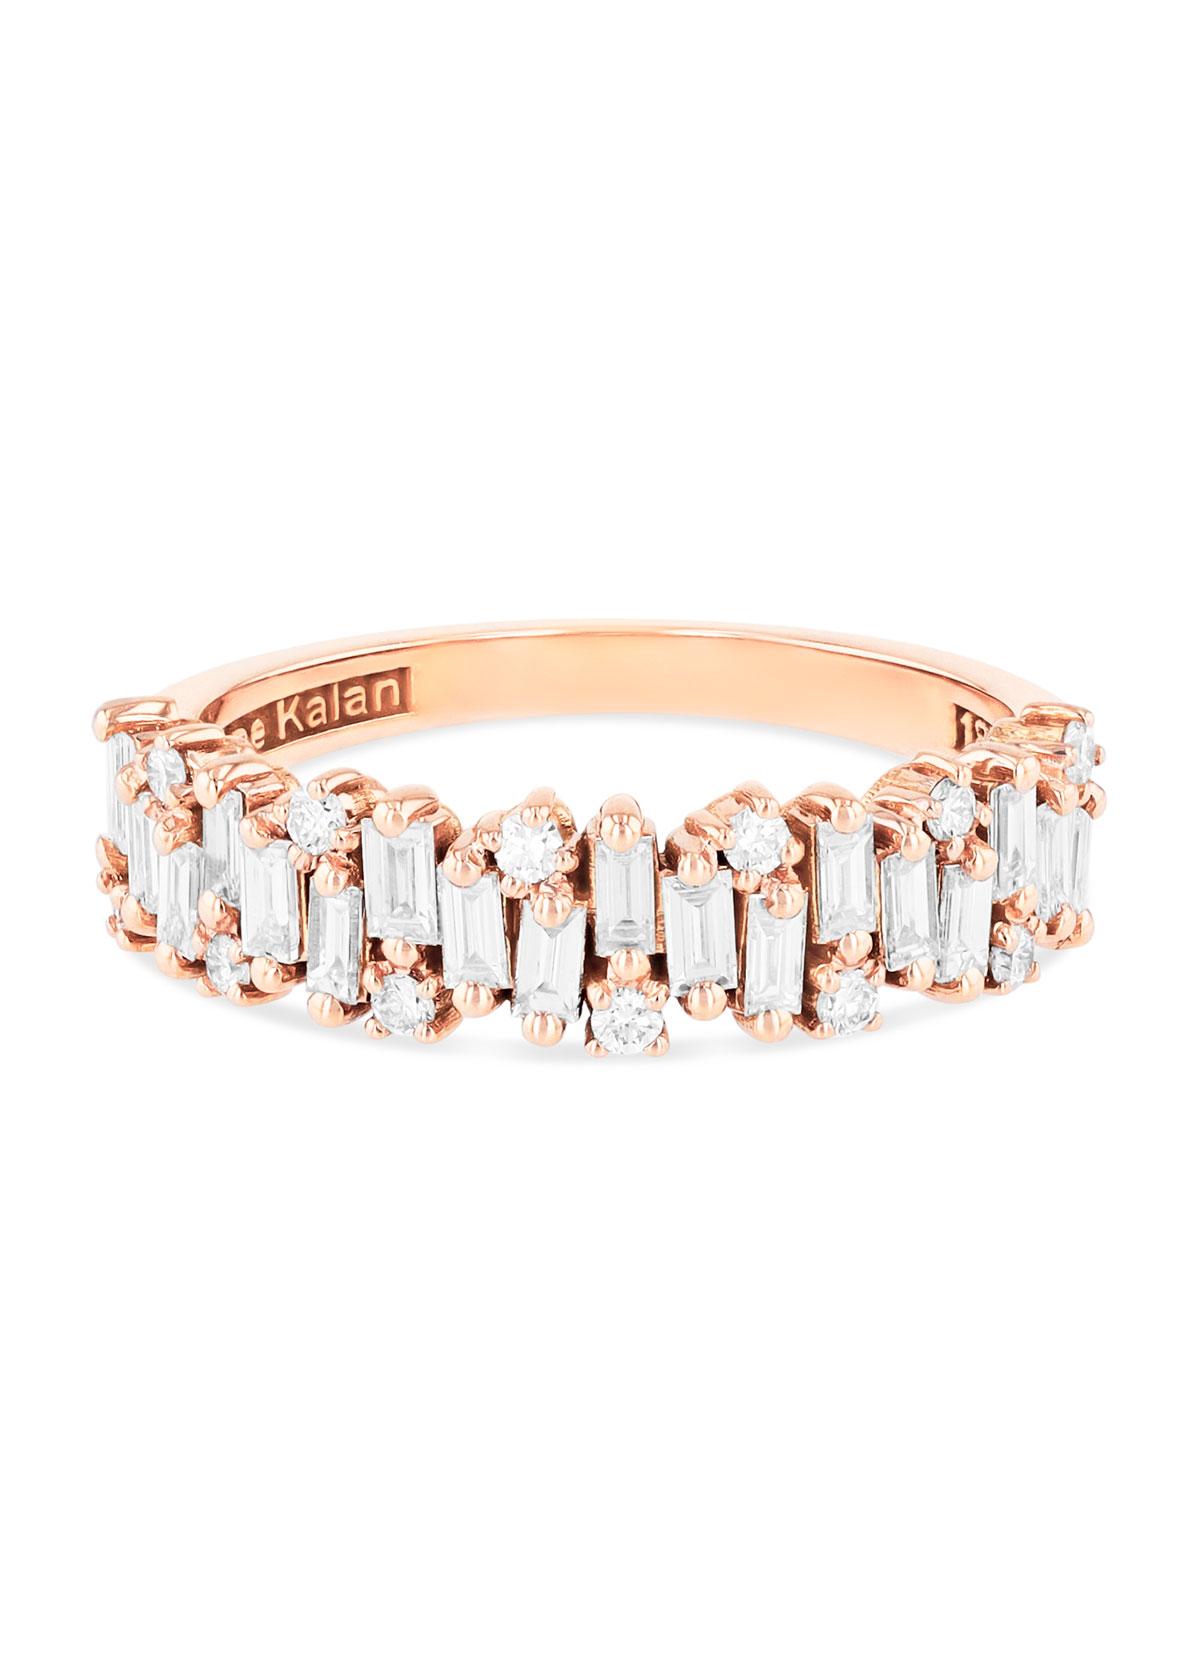 Suzanne Kalan 18K ROSE GOLD HALF-BAND DIAMOND RING